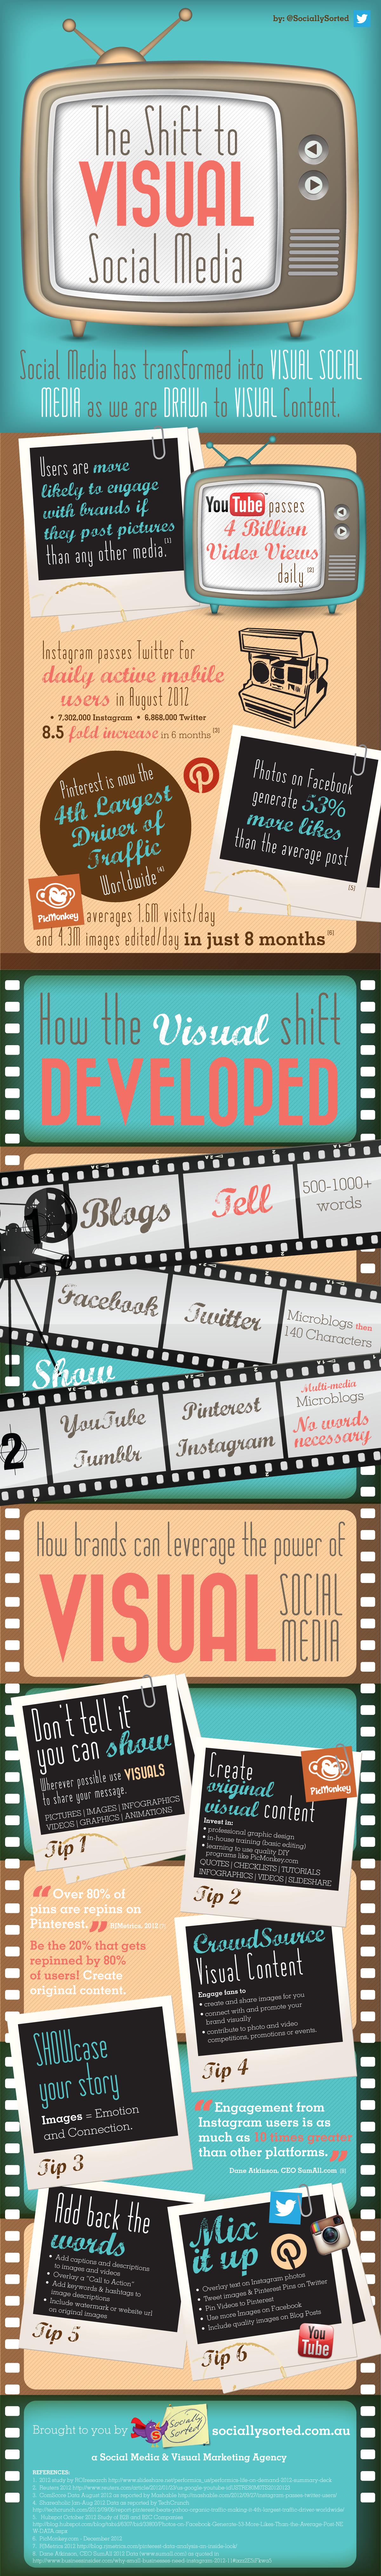 Tipps für mehr Erfolg mit Social Media Marketing.